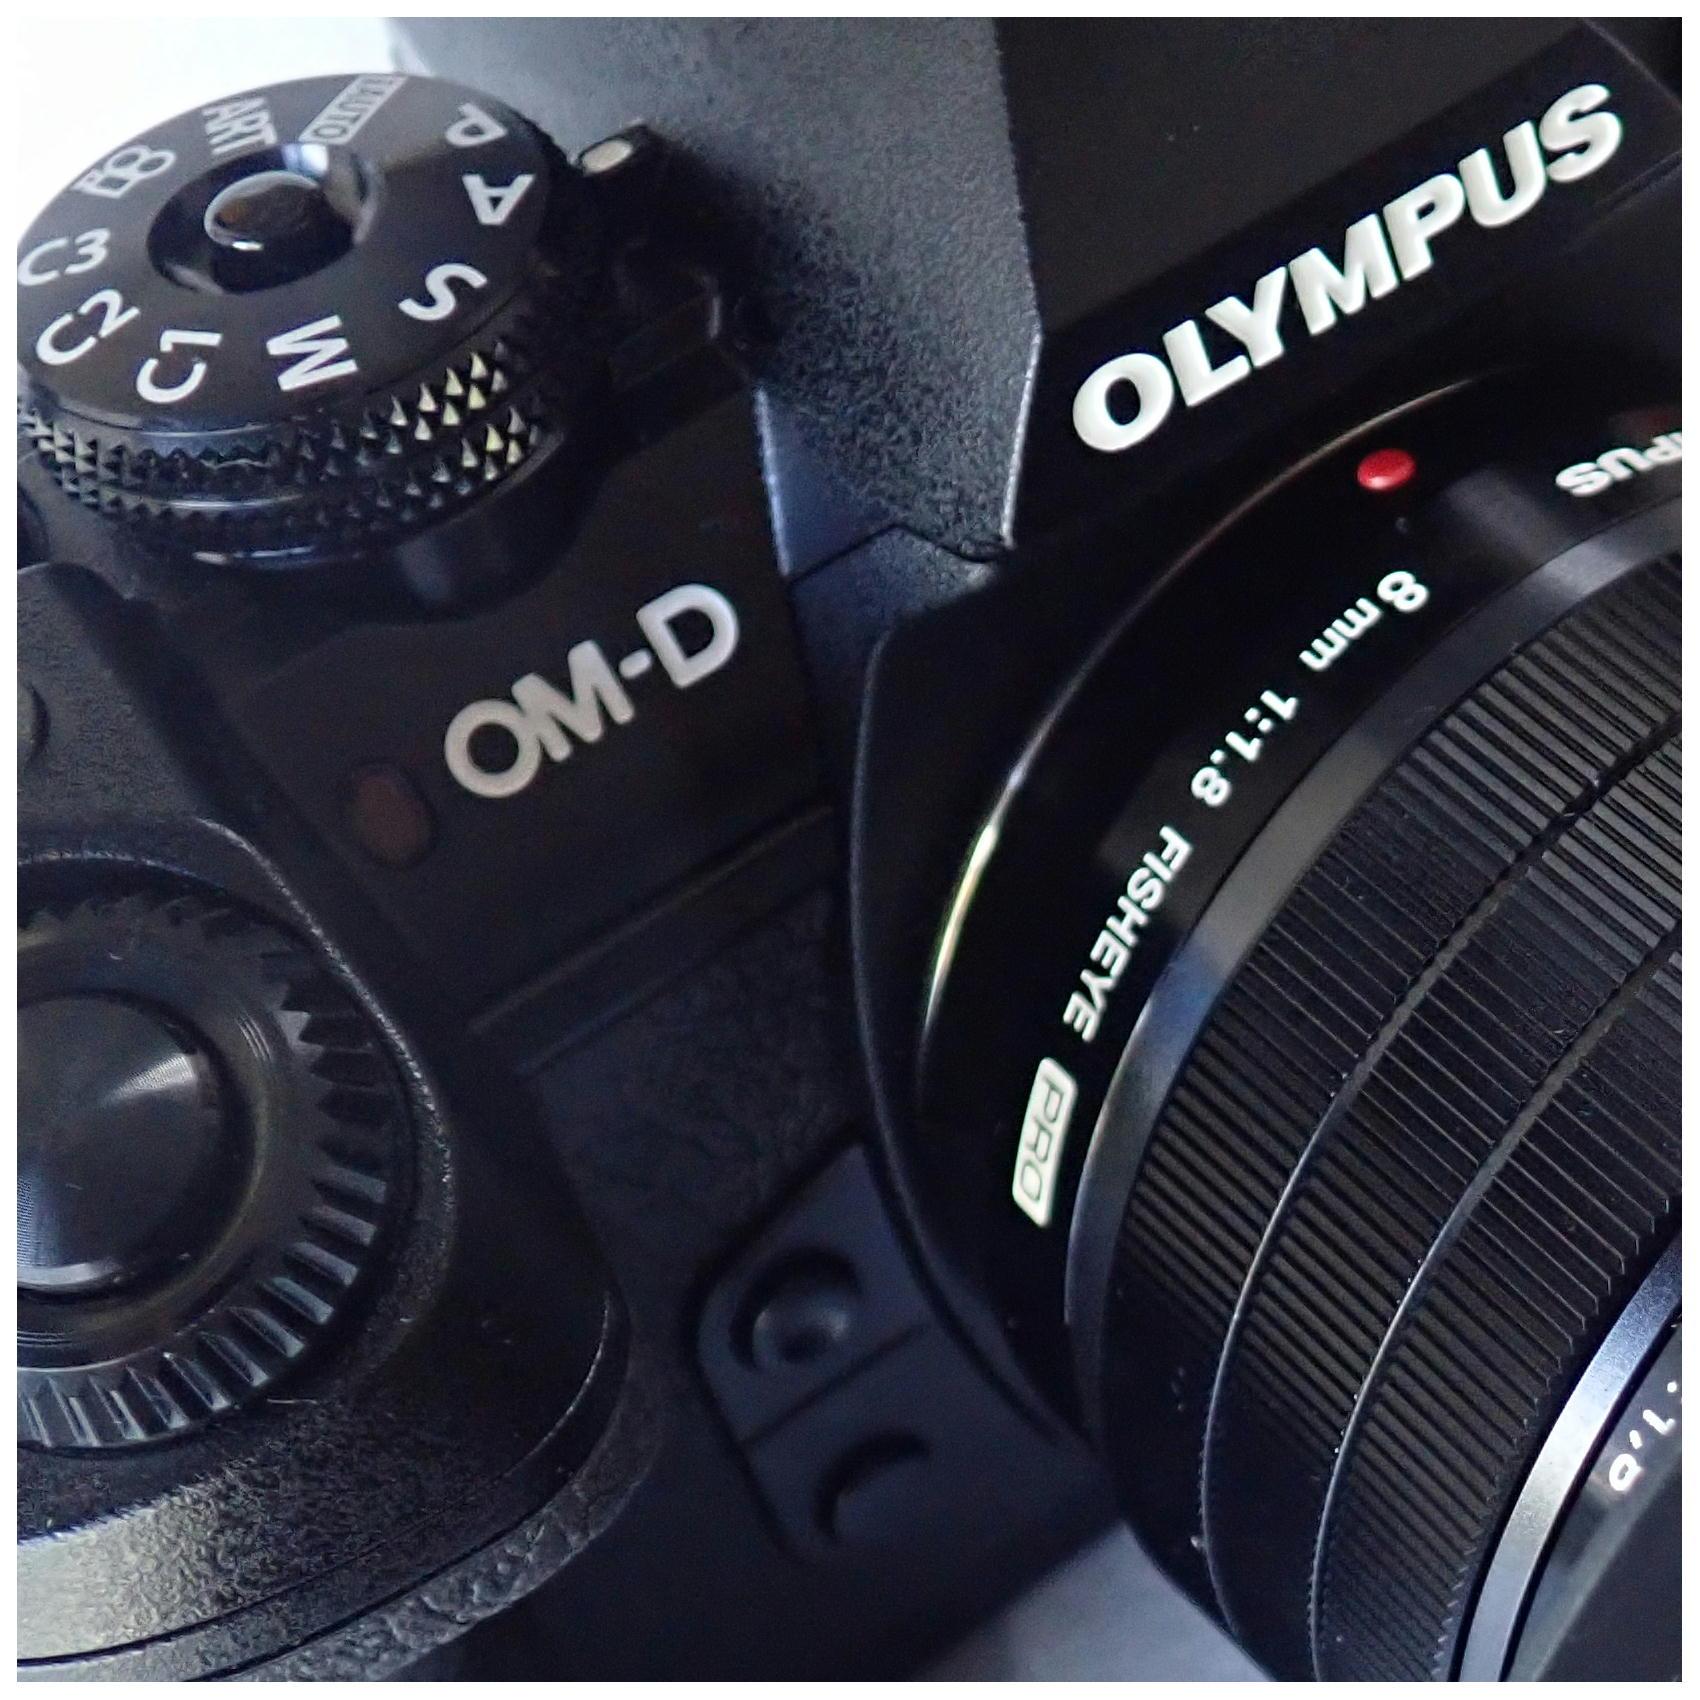 オリンパス M.ZUIKO DIGITALの交換レンズ 、コンバージョンレズ